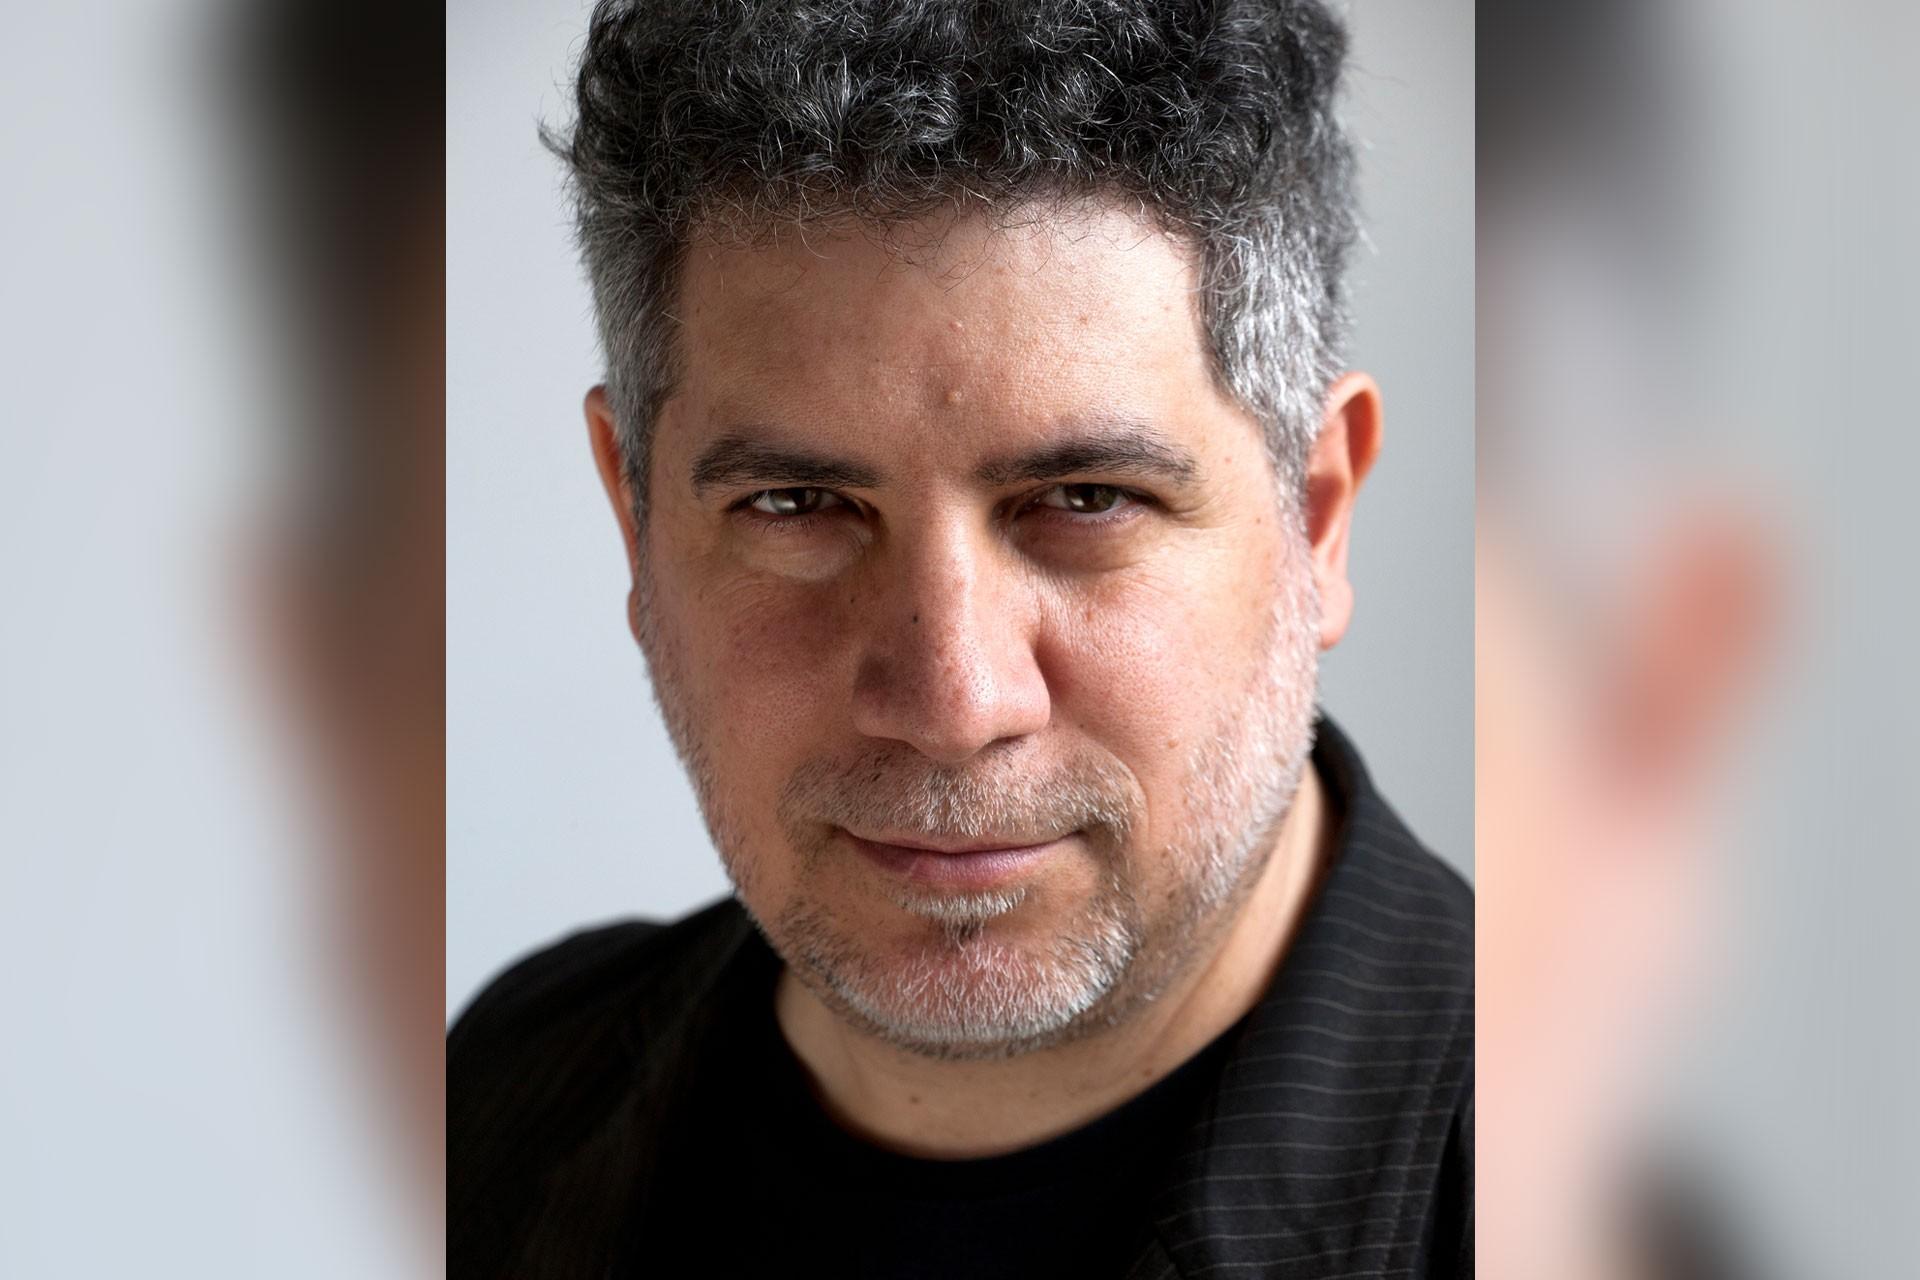 İBB Şehir Tiyatroları Genel Sanat Yönetmeni Mehmet Ergen oldu